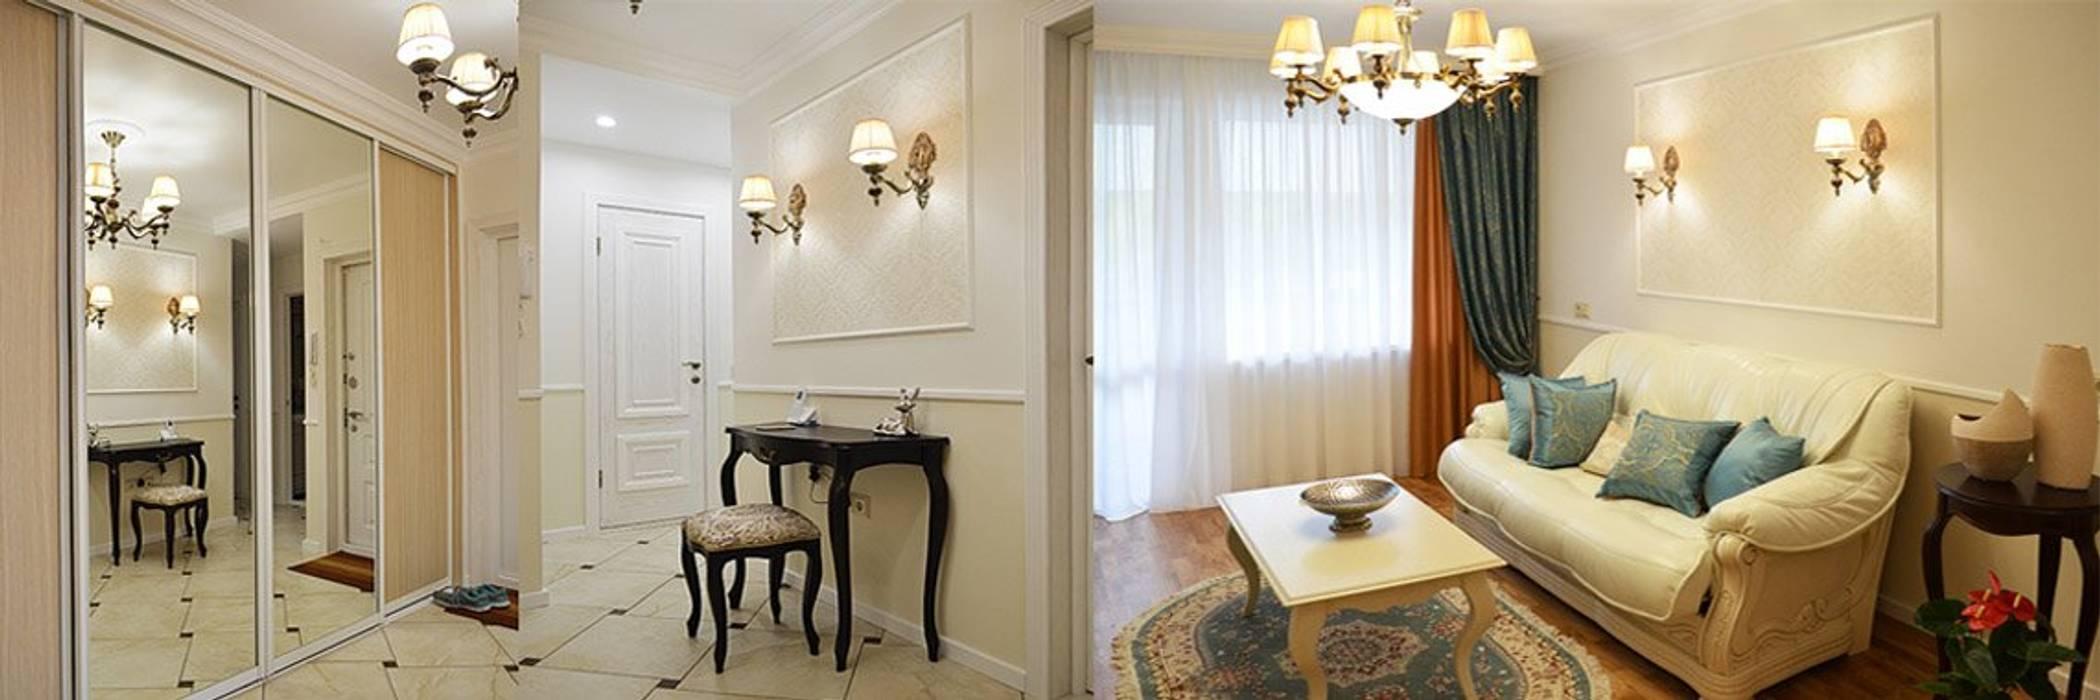 Классические интерьерные светильники Premiumelectro.by Living roomLighting Beige